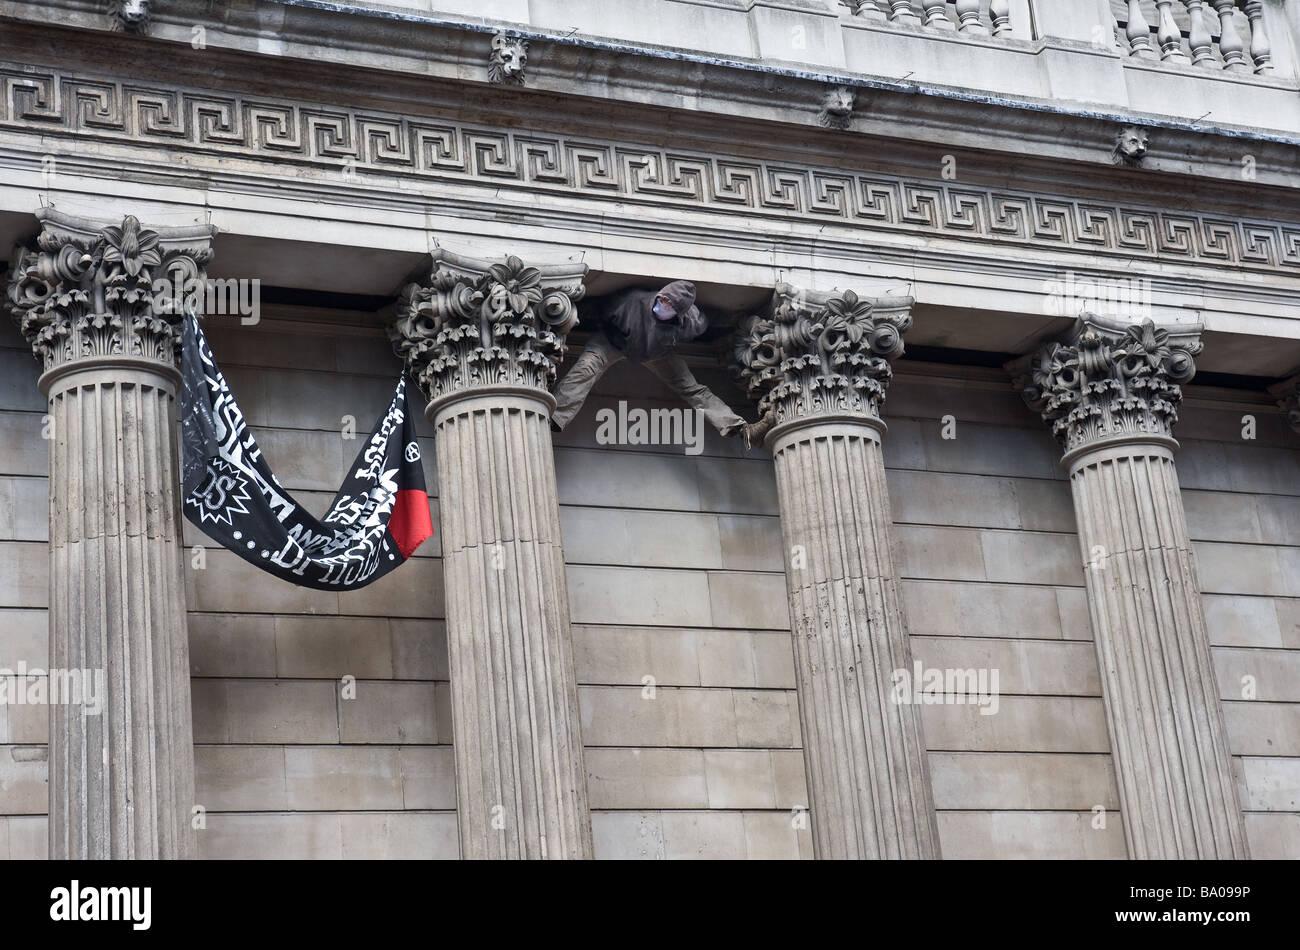 Maskierte Demonstranten klettern die Bank of England auf einer Demonstration in der City of London. Stockbild